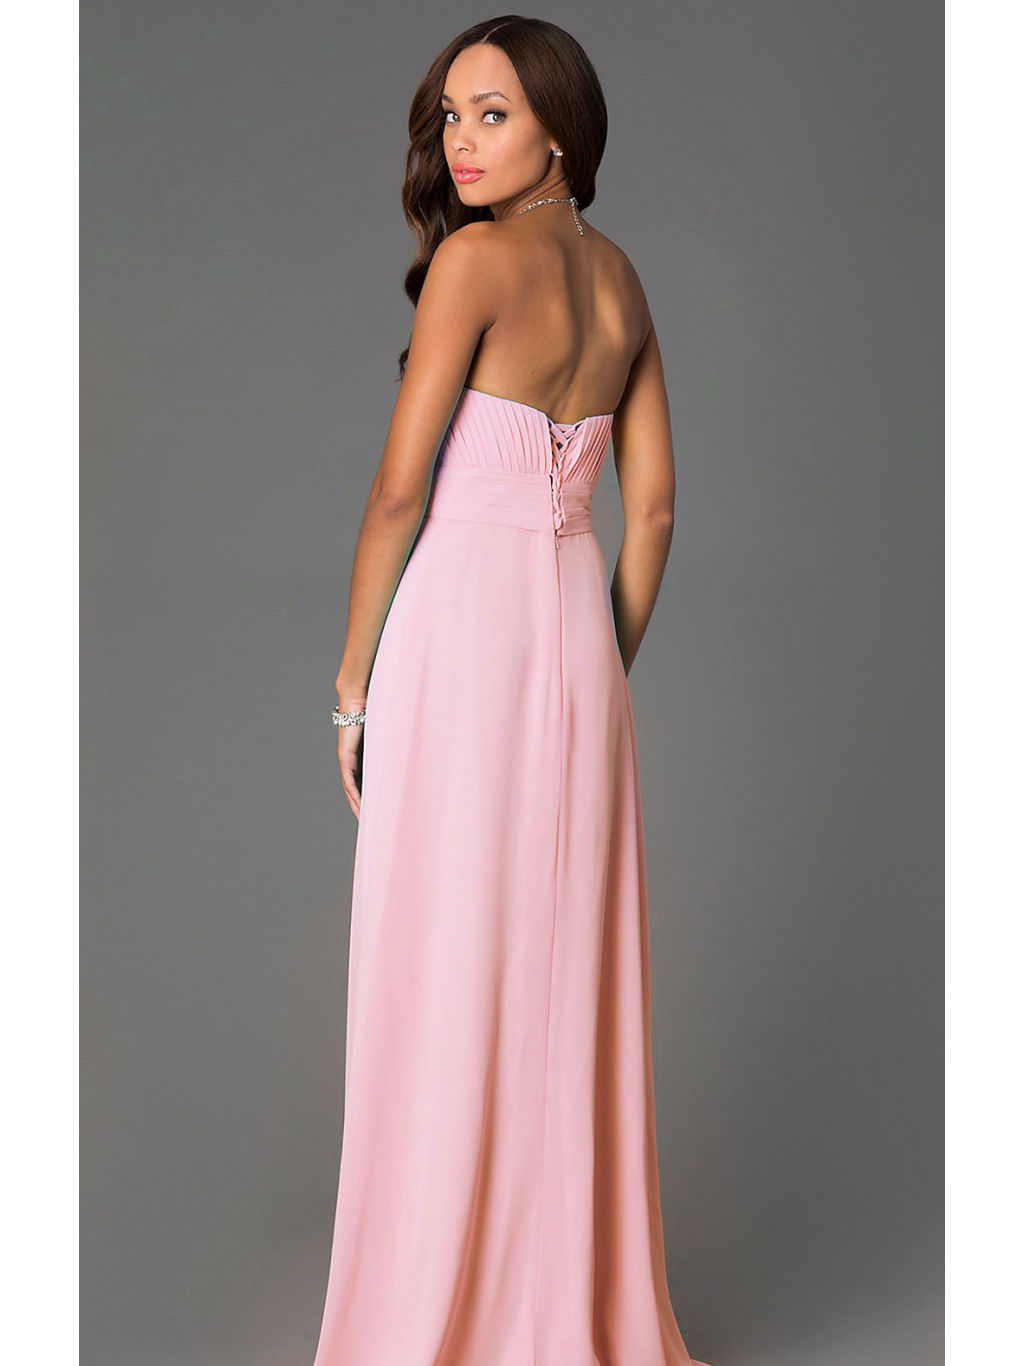 Elegantní dlouhé šaty na svatbu růžové - Glamor.cz 758b4219442